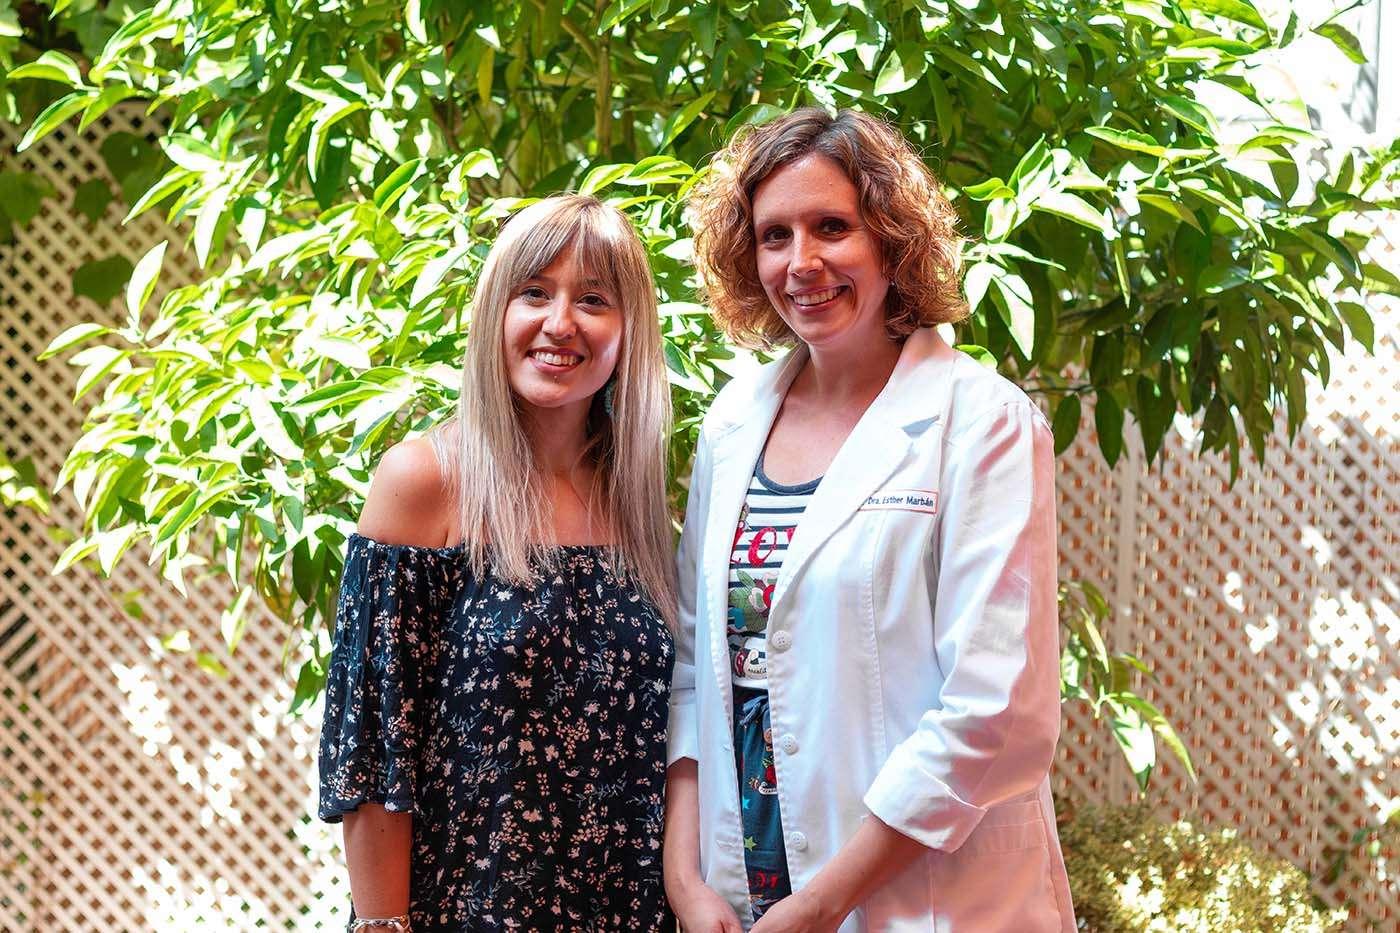 Lorena Córoles y Dra. Esther Marbán